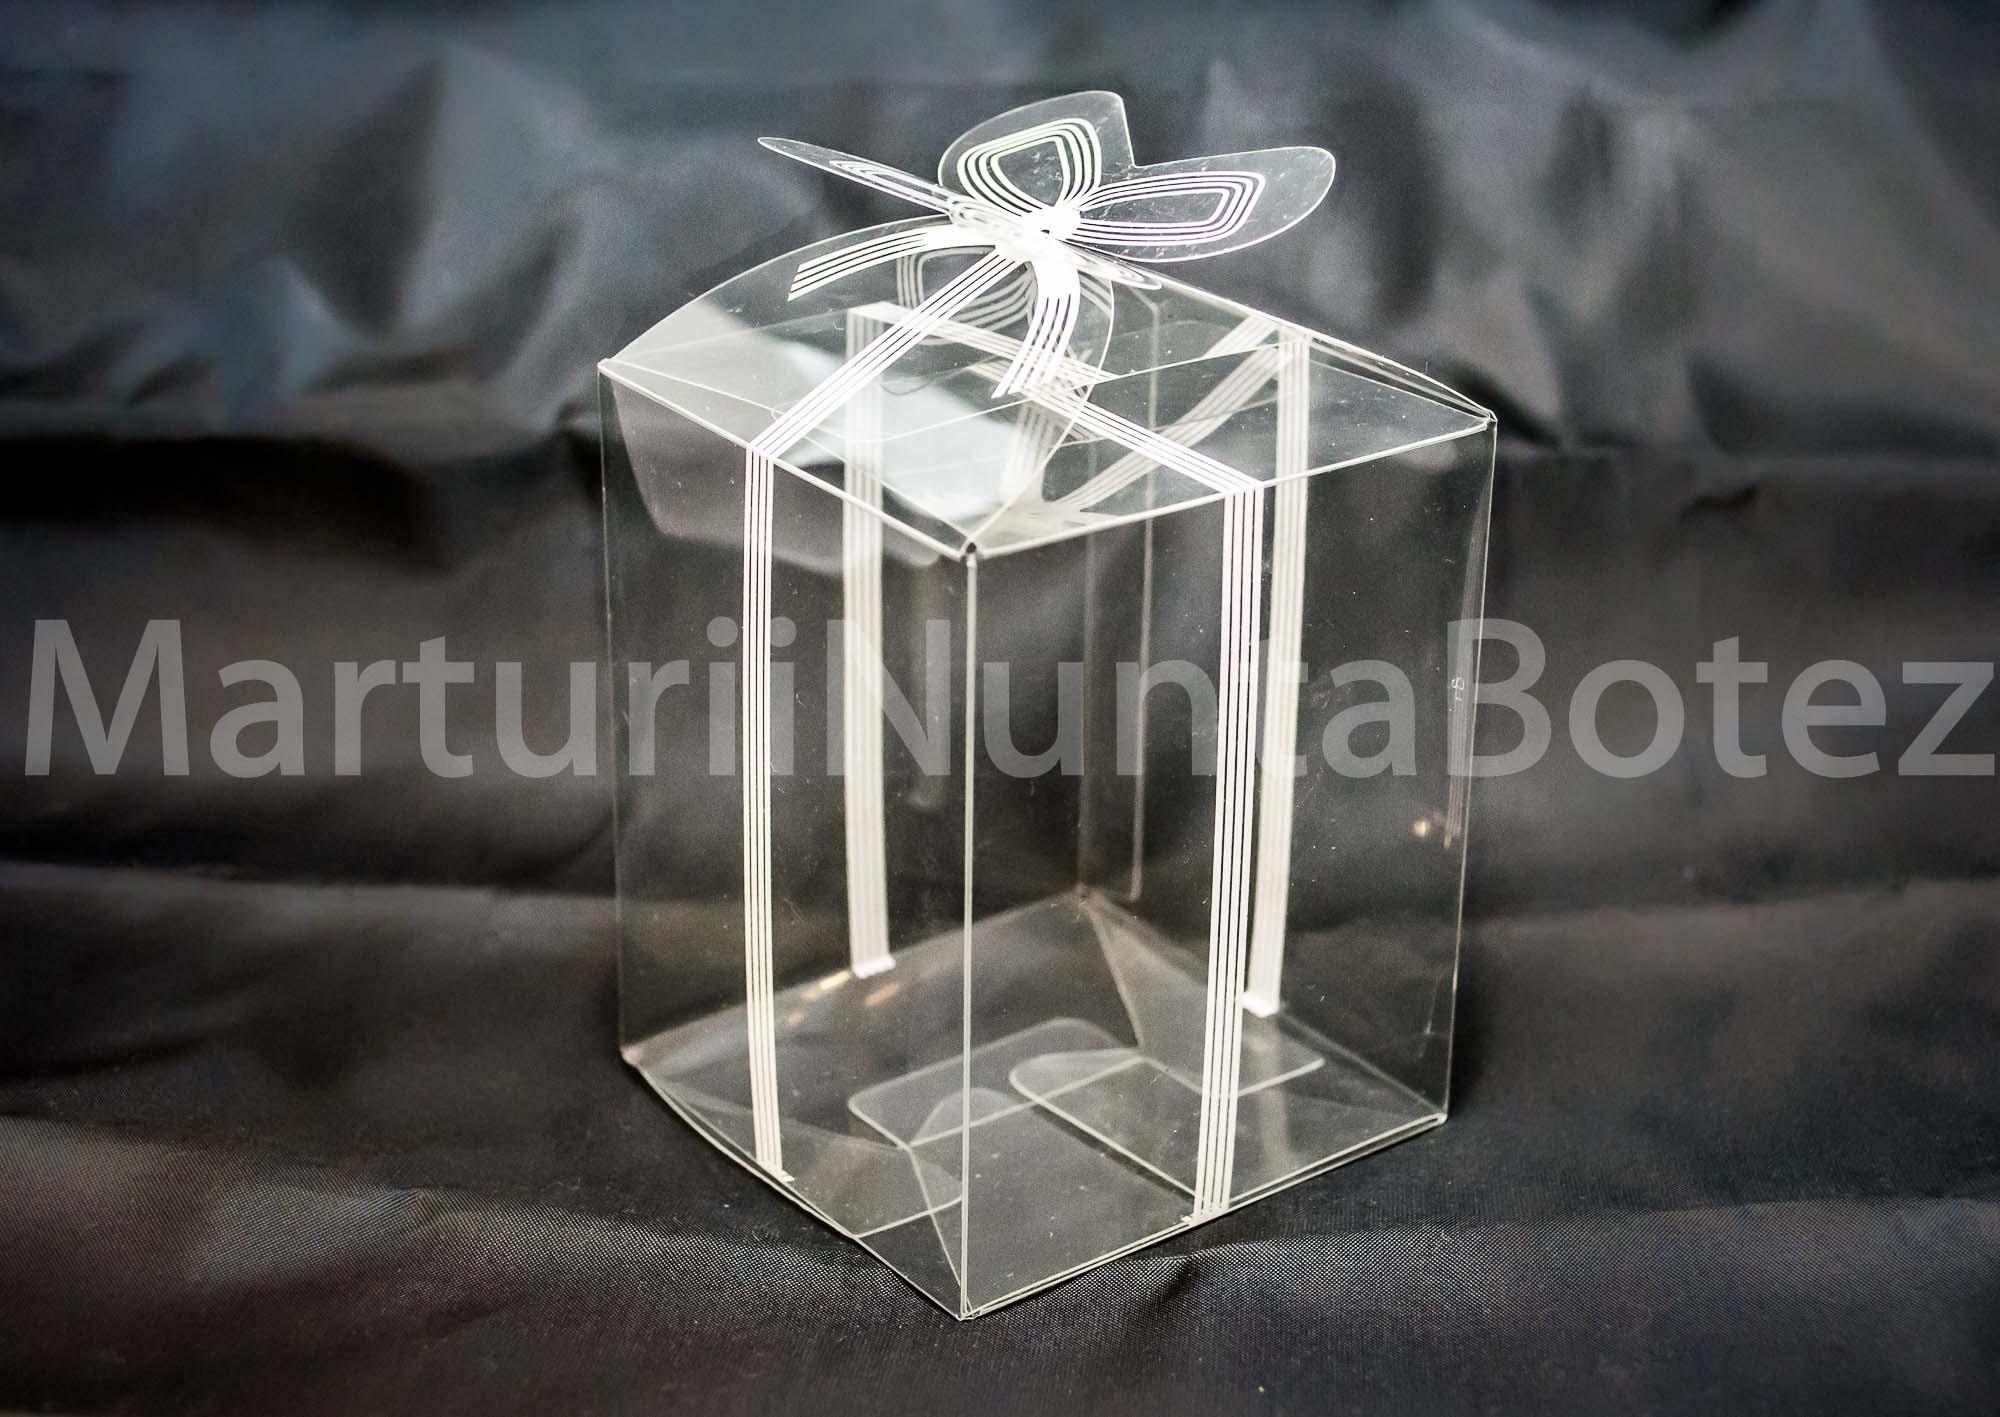 Cutie_transparenta_plastic_acetofan_model_deosebit_marturii_marturie_nunta_botez3